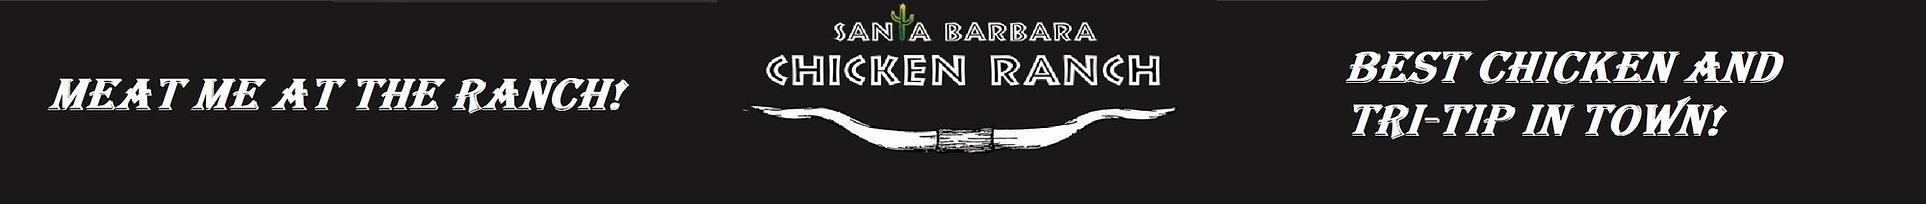 chicken ranch long header-2.jpg